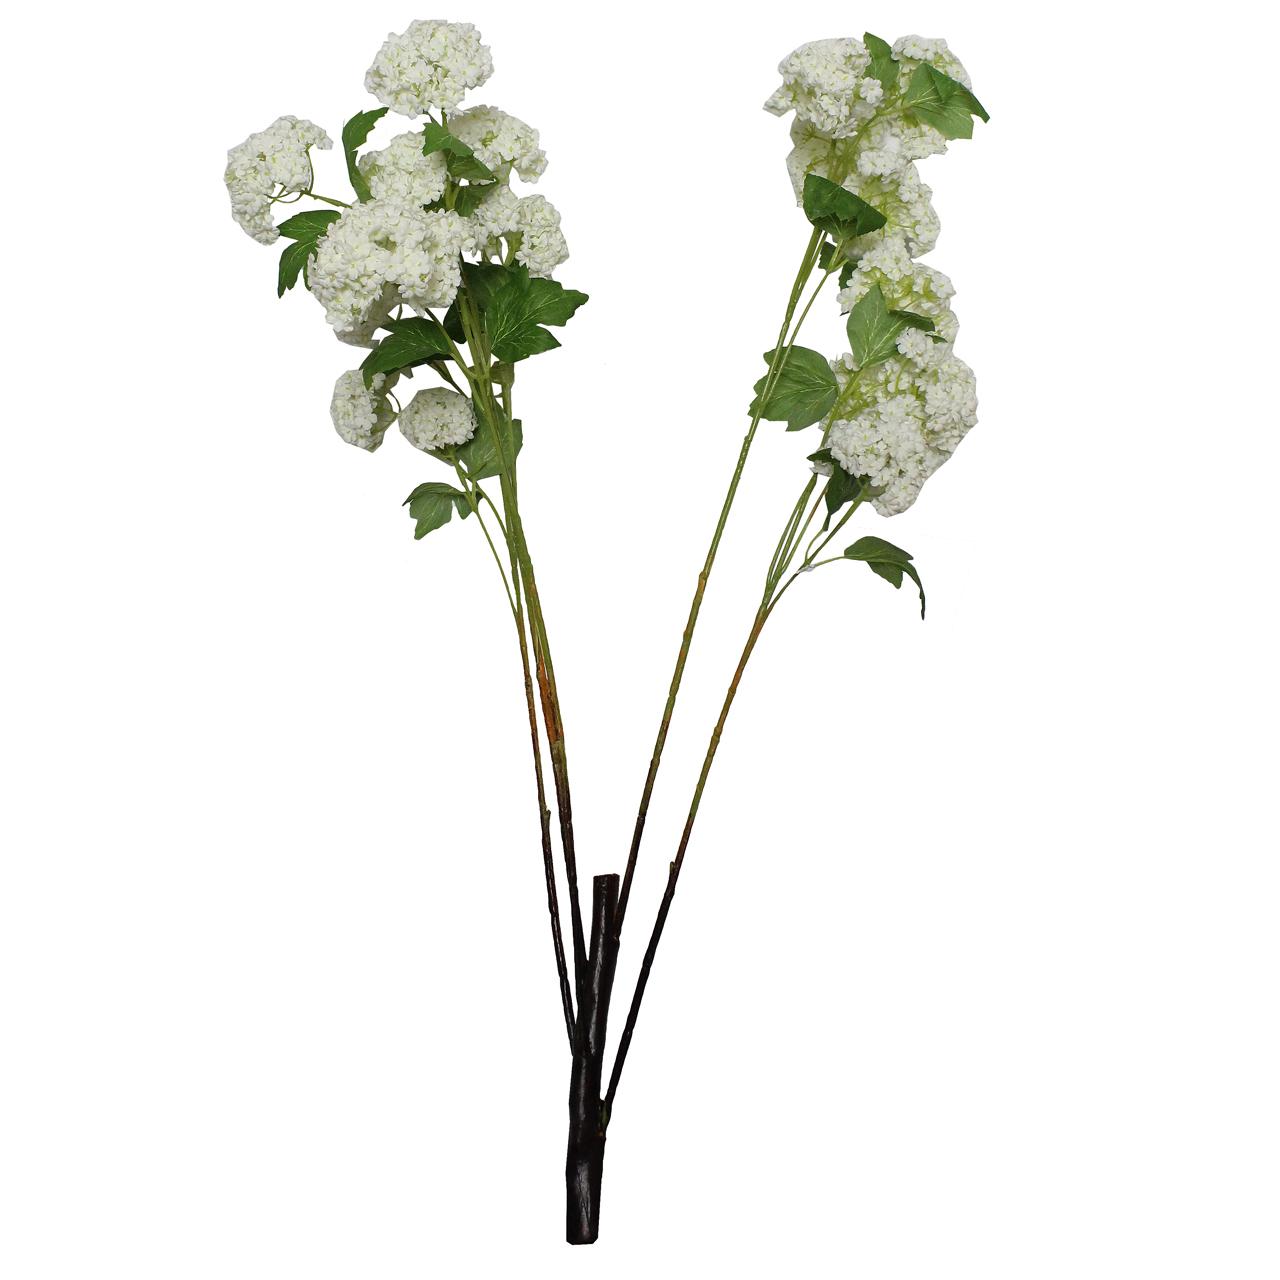 Floare decorativa Minge de mai alba 81 cm( 391547)